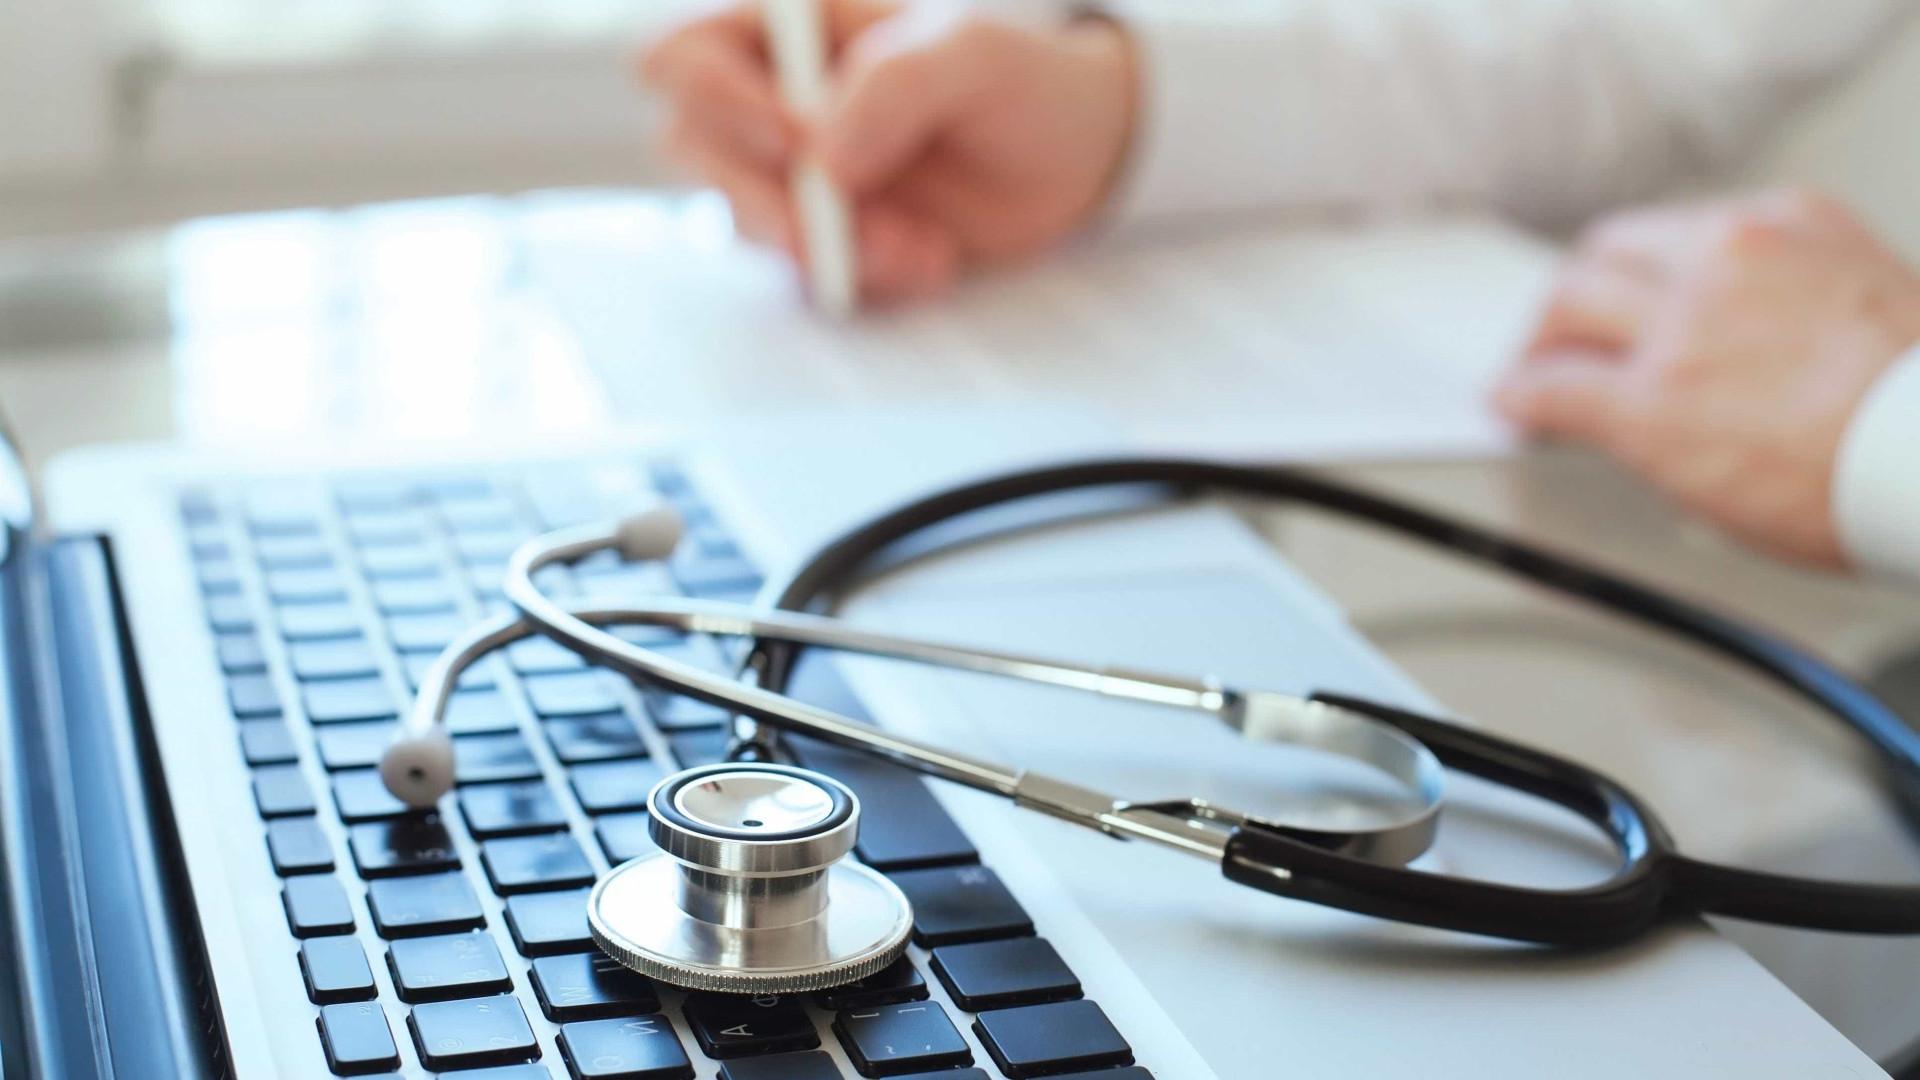 Investigadores criam app que grava e transcreve consultas médicas